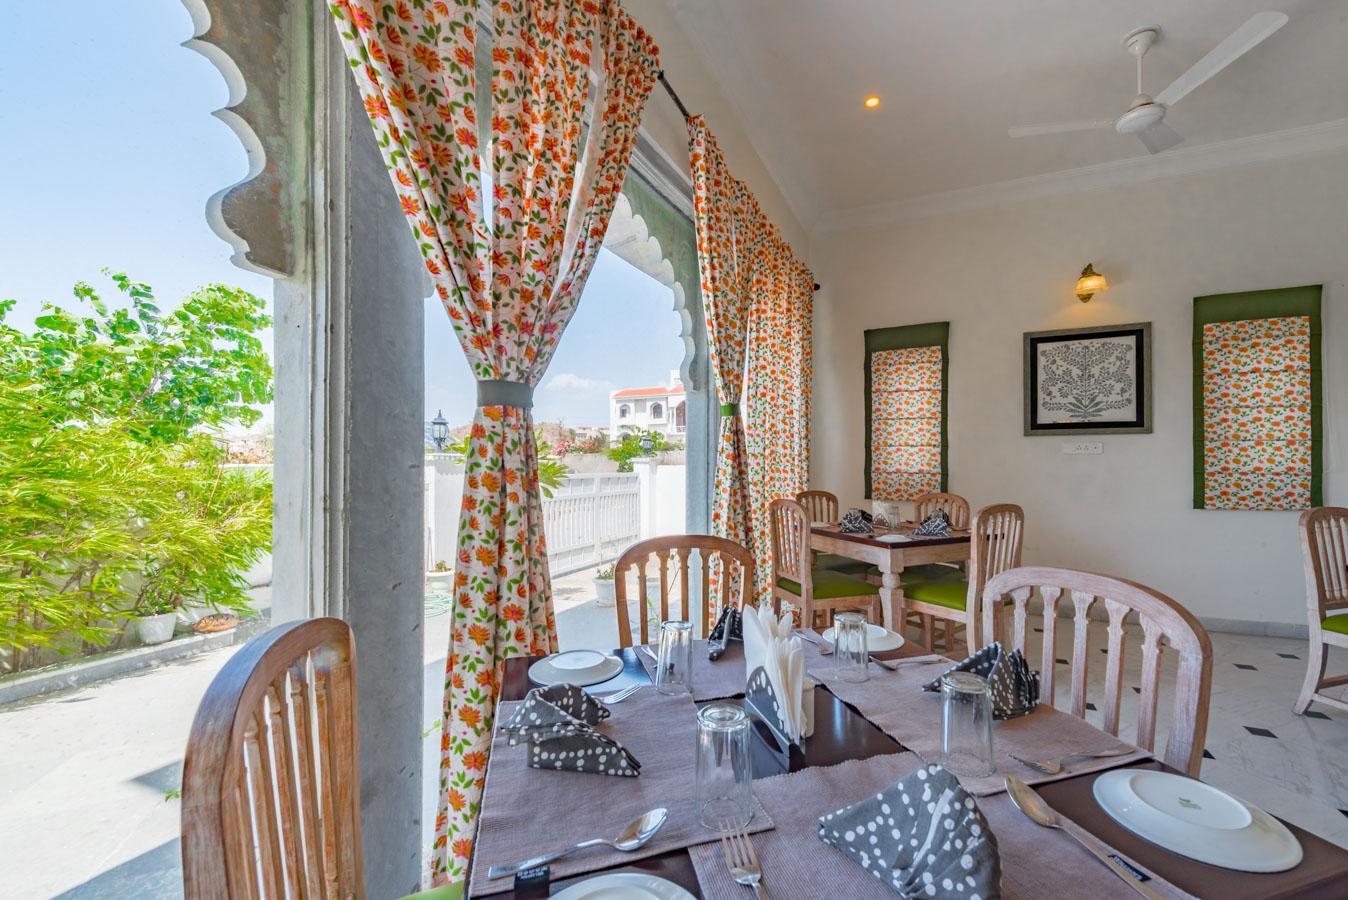 Restaurant_Unbound_Villa-Sagat-Raaso_3